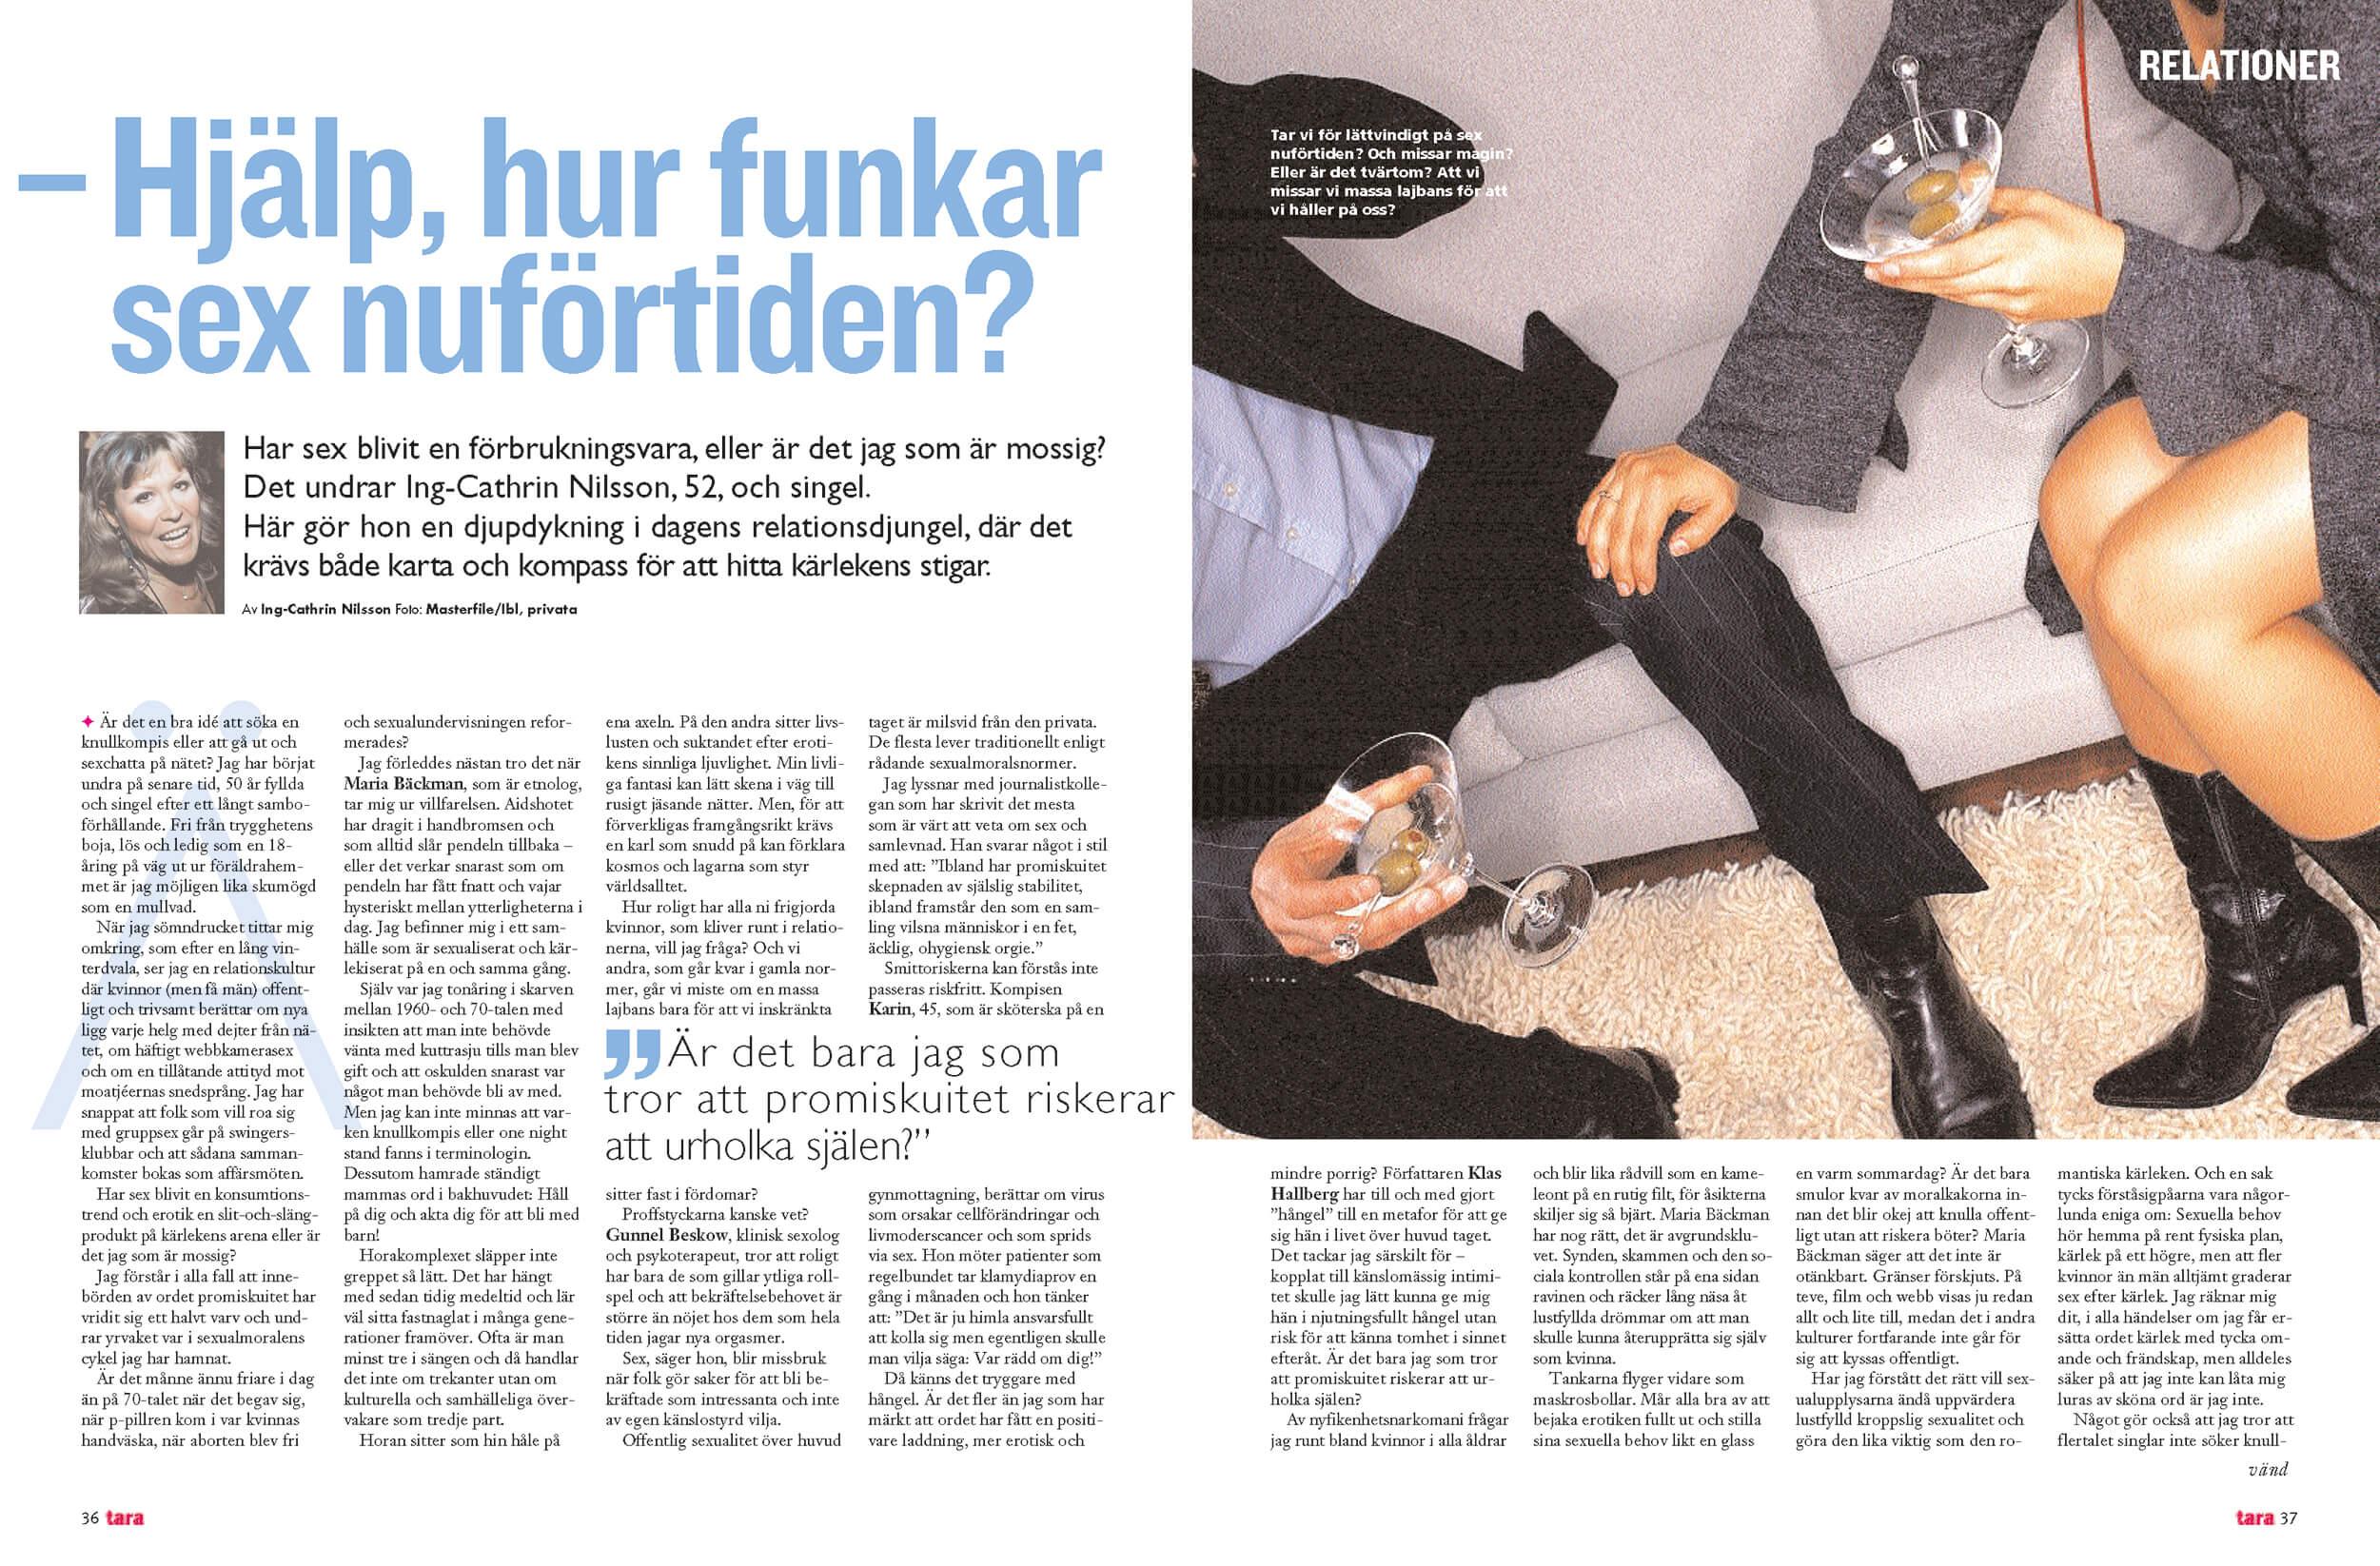 Hur funkar sex nu för tiden? Reportage i Tara. Skribent: Ing-Cathrin Nilsson